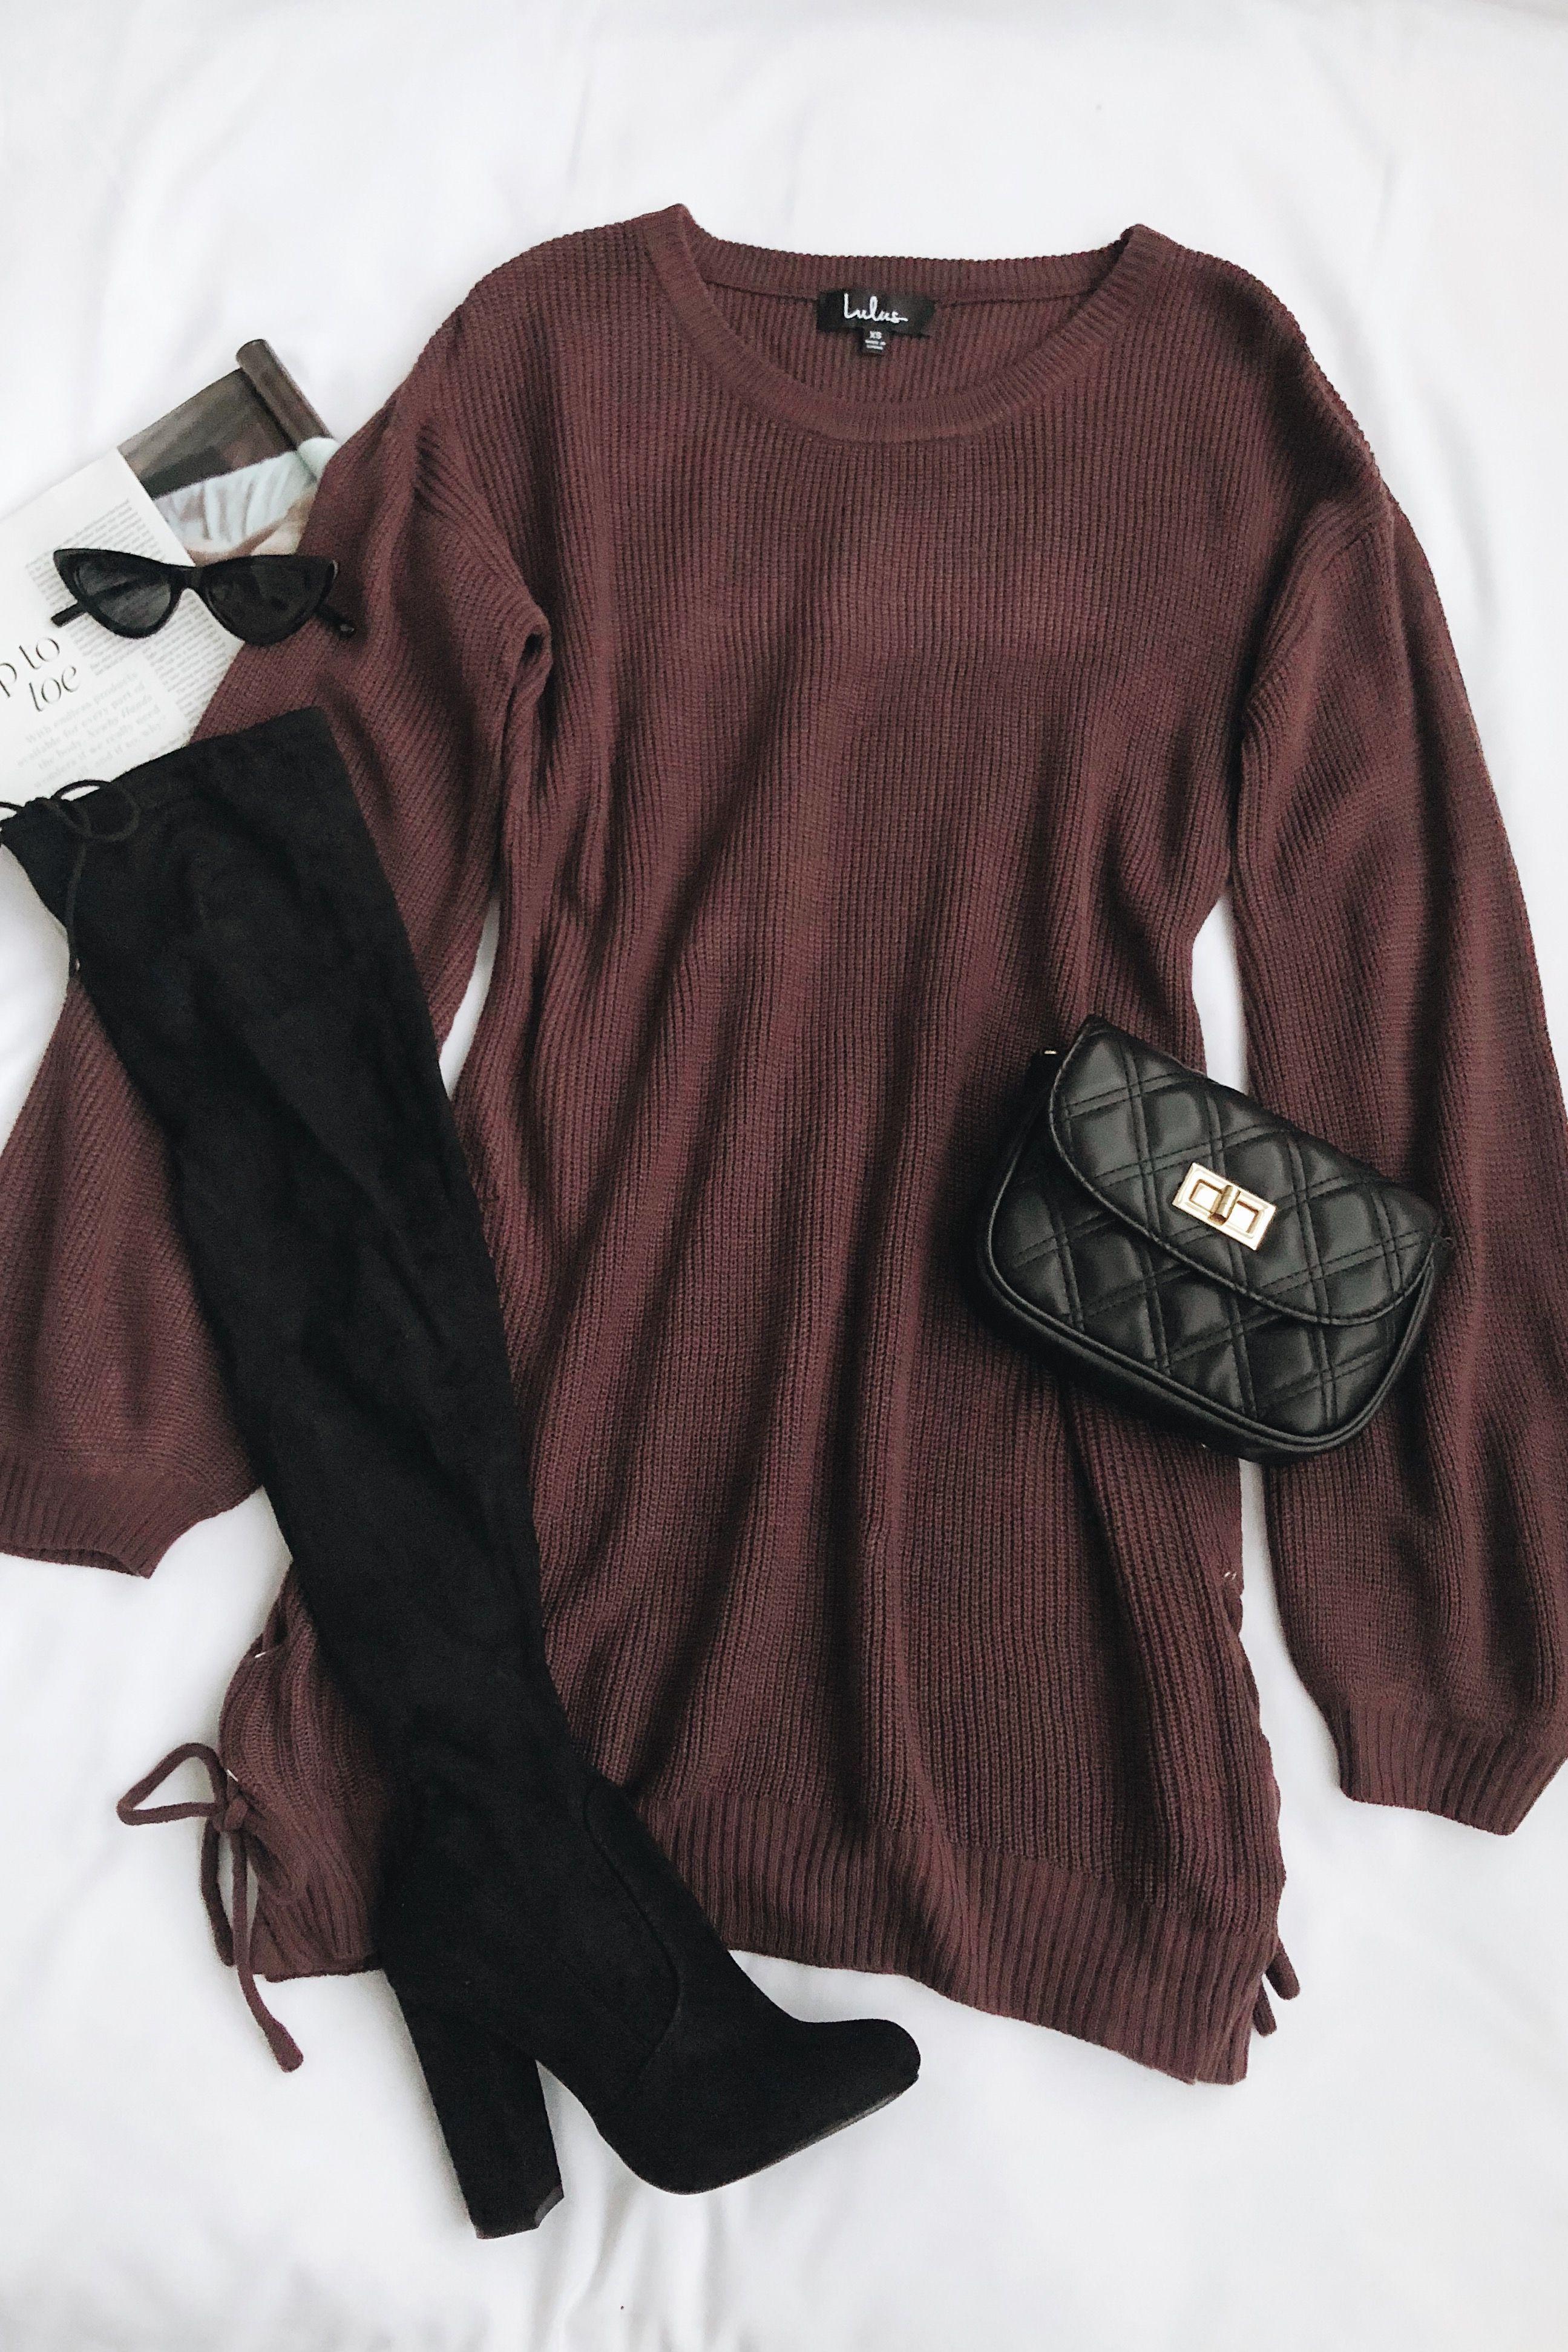 Lalianna Dusty Purple Balloon Sleeve Lace-Up Sweater Dress        Lalianna Dusty Purple Balloon Sleeve Lace-Up Sweater Dress #Balloon #Dress #Dusty #Laceup #Lalianna #purple #Sleeve #sweater